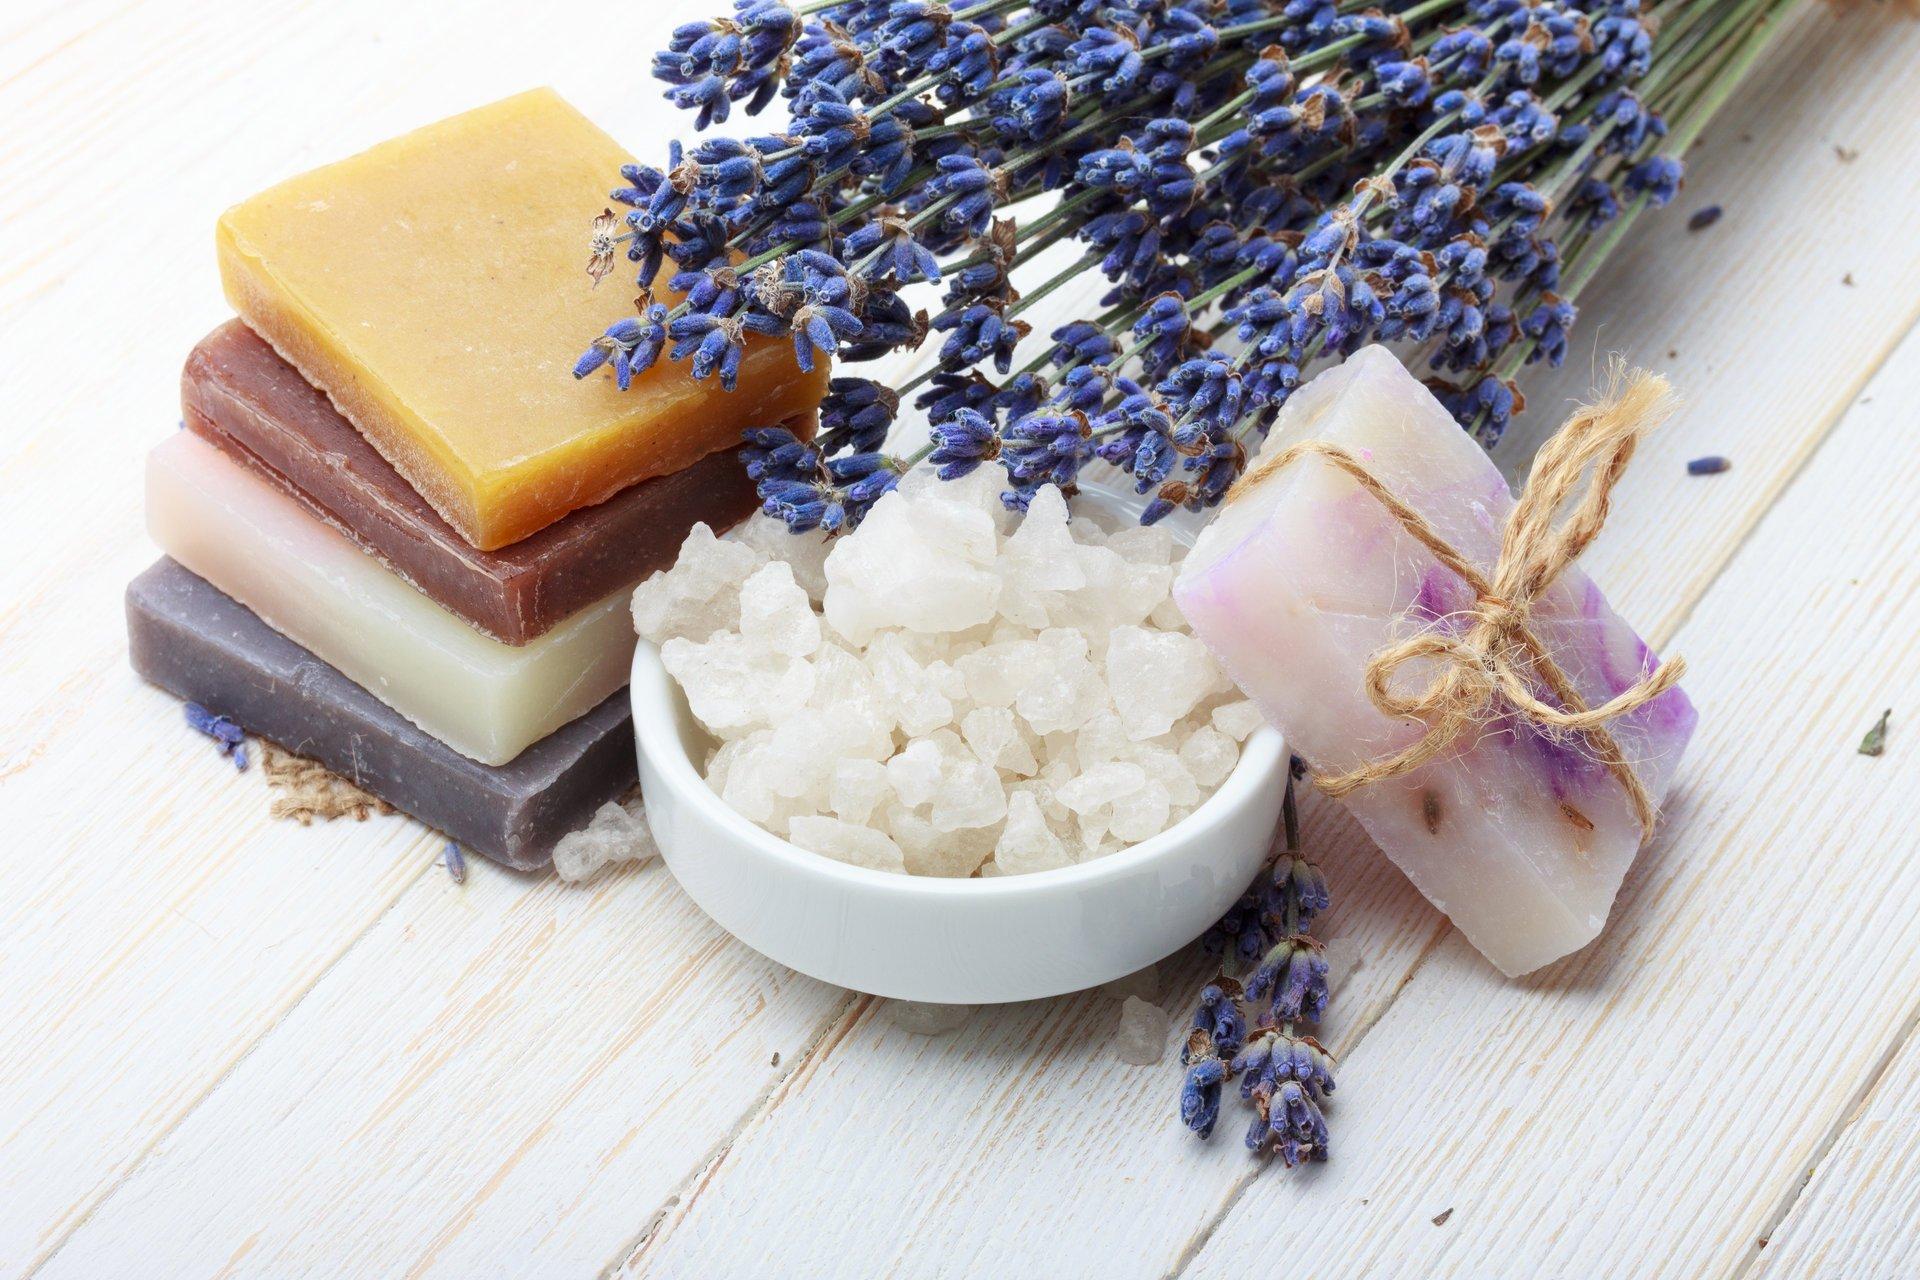 ароматический шампунь морская соль флаконы  № 1495287 без смс